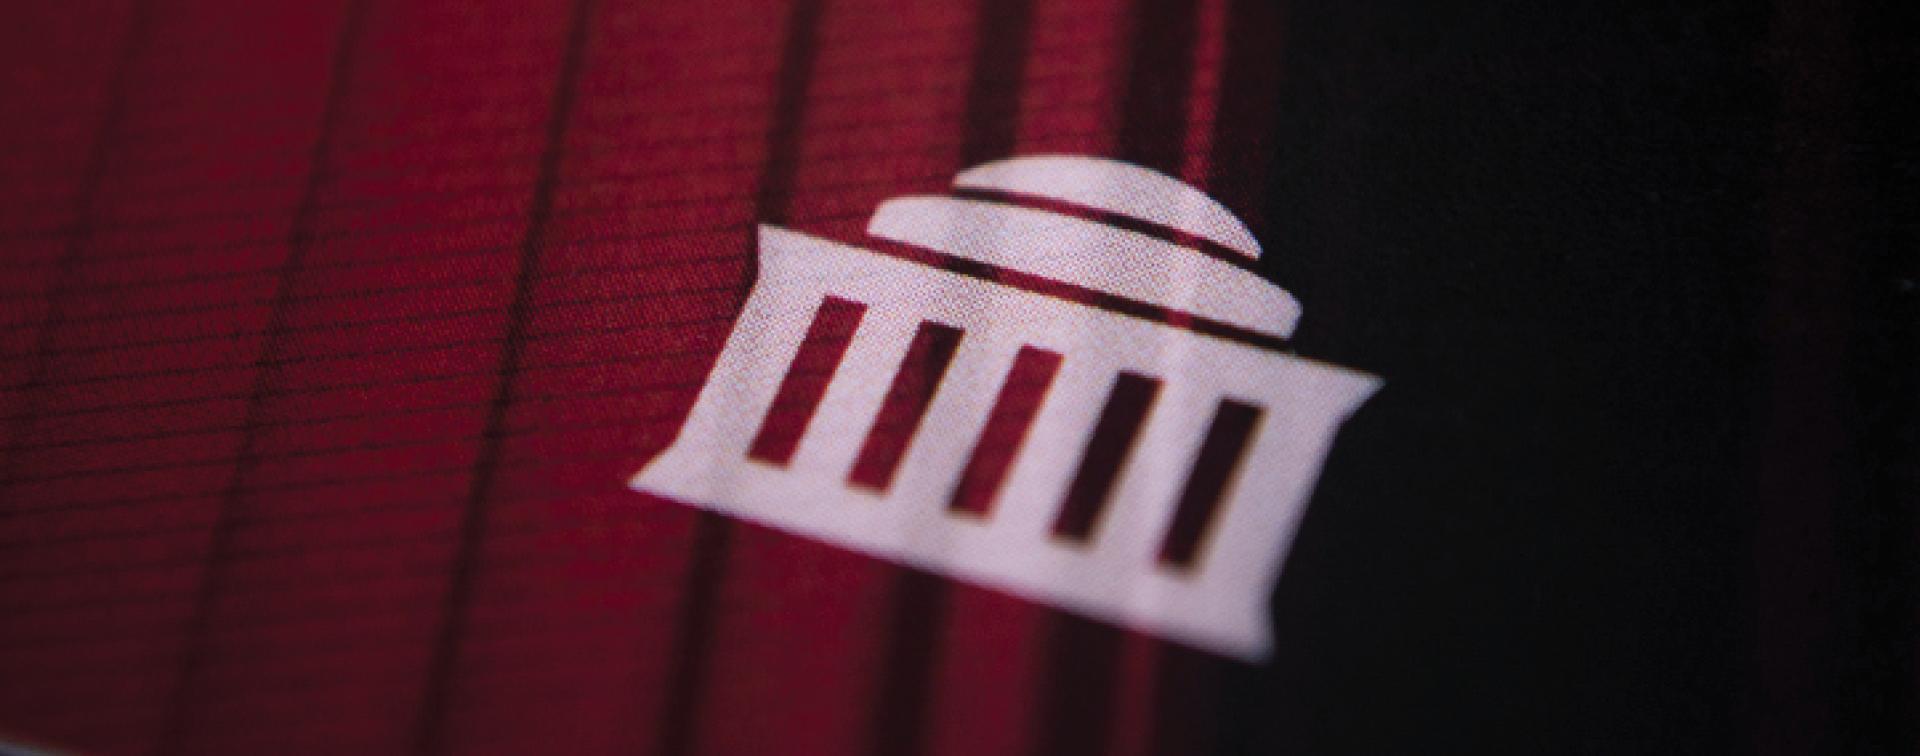 14 MIT icon.jpg